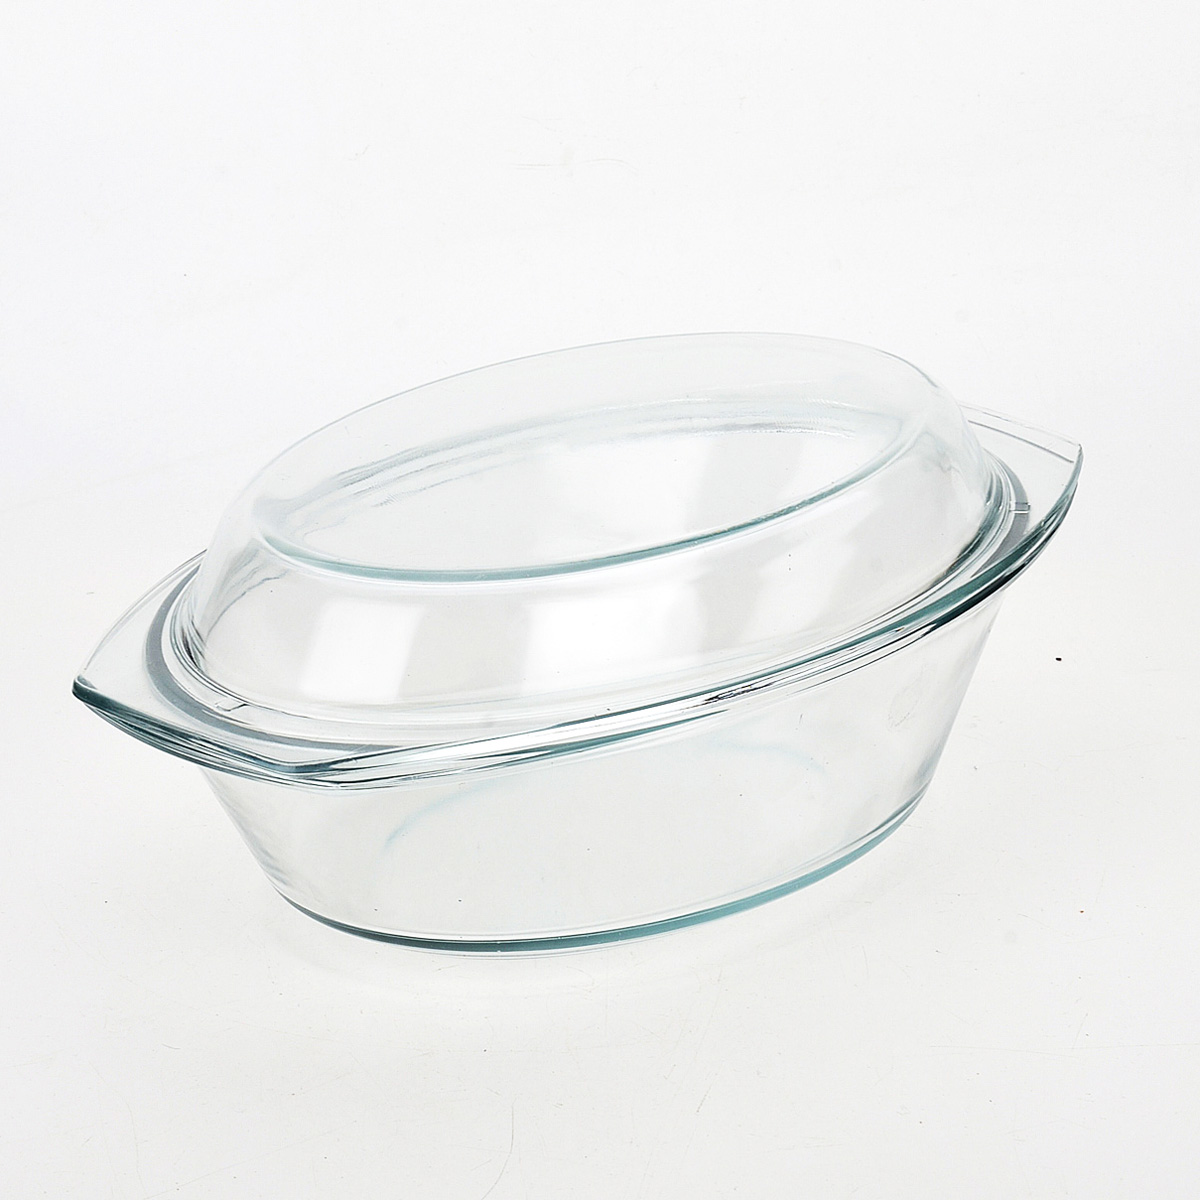 Утятница Loraine с крышкой, 3 л20679Утятница Loraine изготовлена из жаропрочного боросиликатного прозрачного стекла. Стеклянная посуда идеальна для запекания, так как стекло - это экологически чистый, износостойкий и долговечный материал, к которому не прилипает пища, в такой посуде пища сохраняет все свои полезные вещества и микроэлементы. Емкость идеальна для запекания в духовке птицы и мяса, для приготовления лазаньи, запеканки и многого другого.С утятницей Loraine вы всегда сможете порадовать своих близких оригинальной выпечкой.Подходит для использования в духовке при температуре до +400°С, в морозильной камере при температуре до -40°С. Можно использовать в микроволновой печи. Подходит для мытья в посудомоечной машине. Размер (с учетом ручек): 34 см х 21 см.Размер (без учета ручек): 30,5 см х 20 см.Высота стенки: 8,5 см.